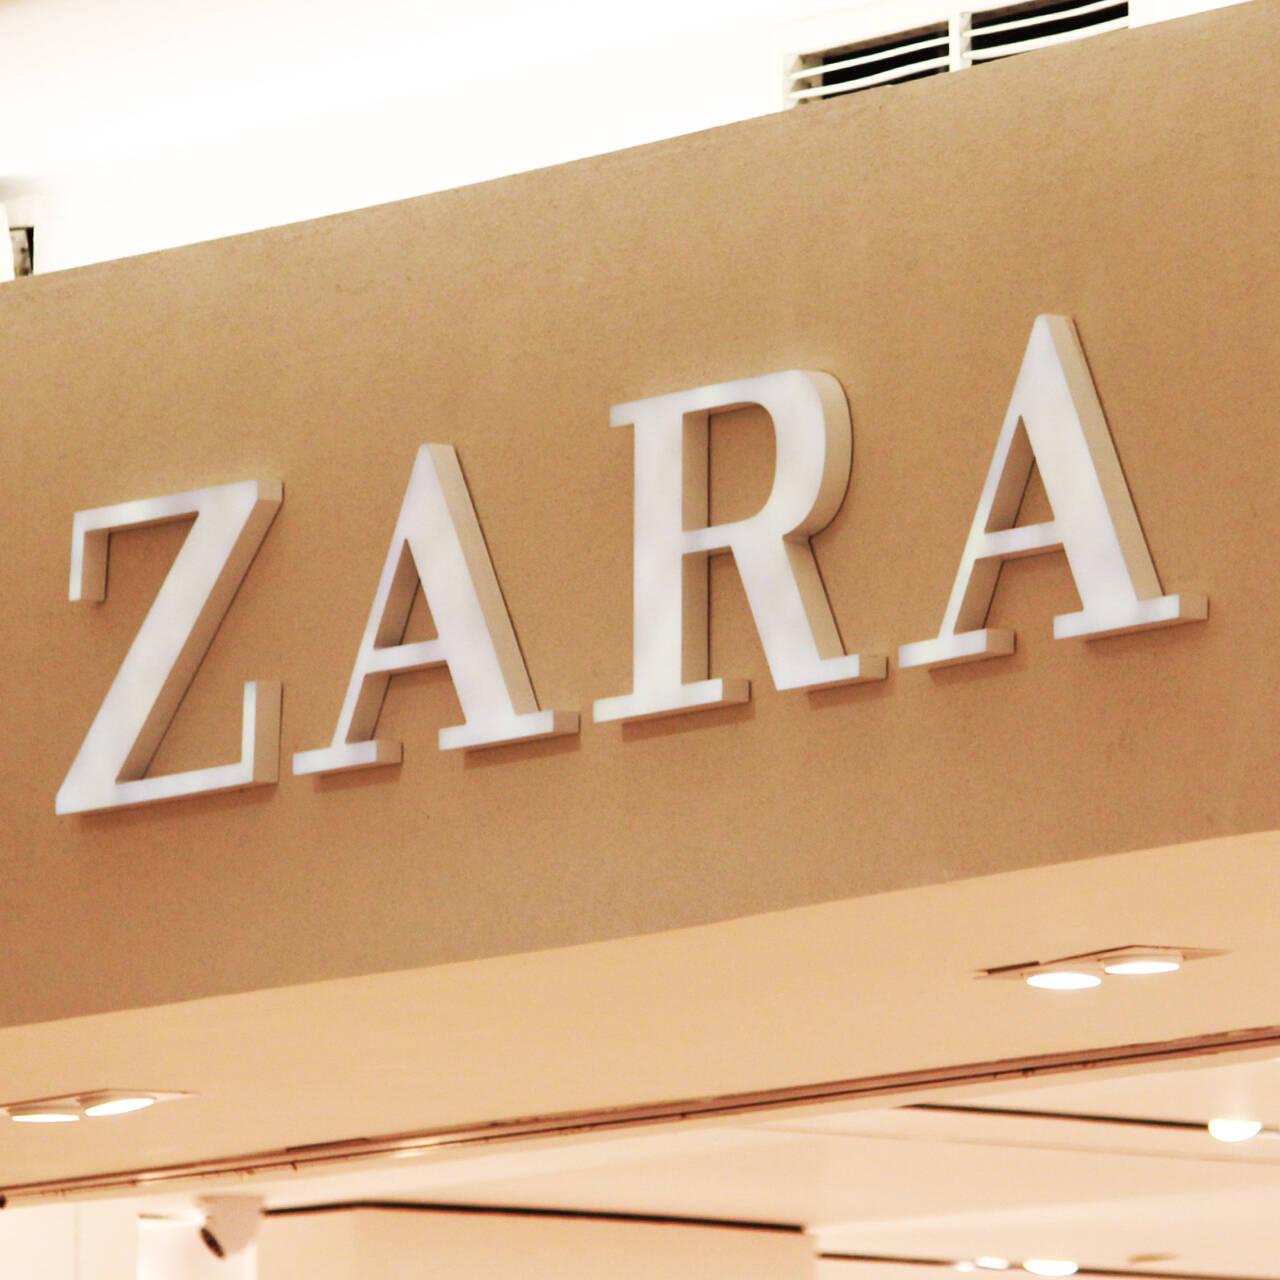 Утонченная фигурка Zara извивается в постельном белье